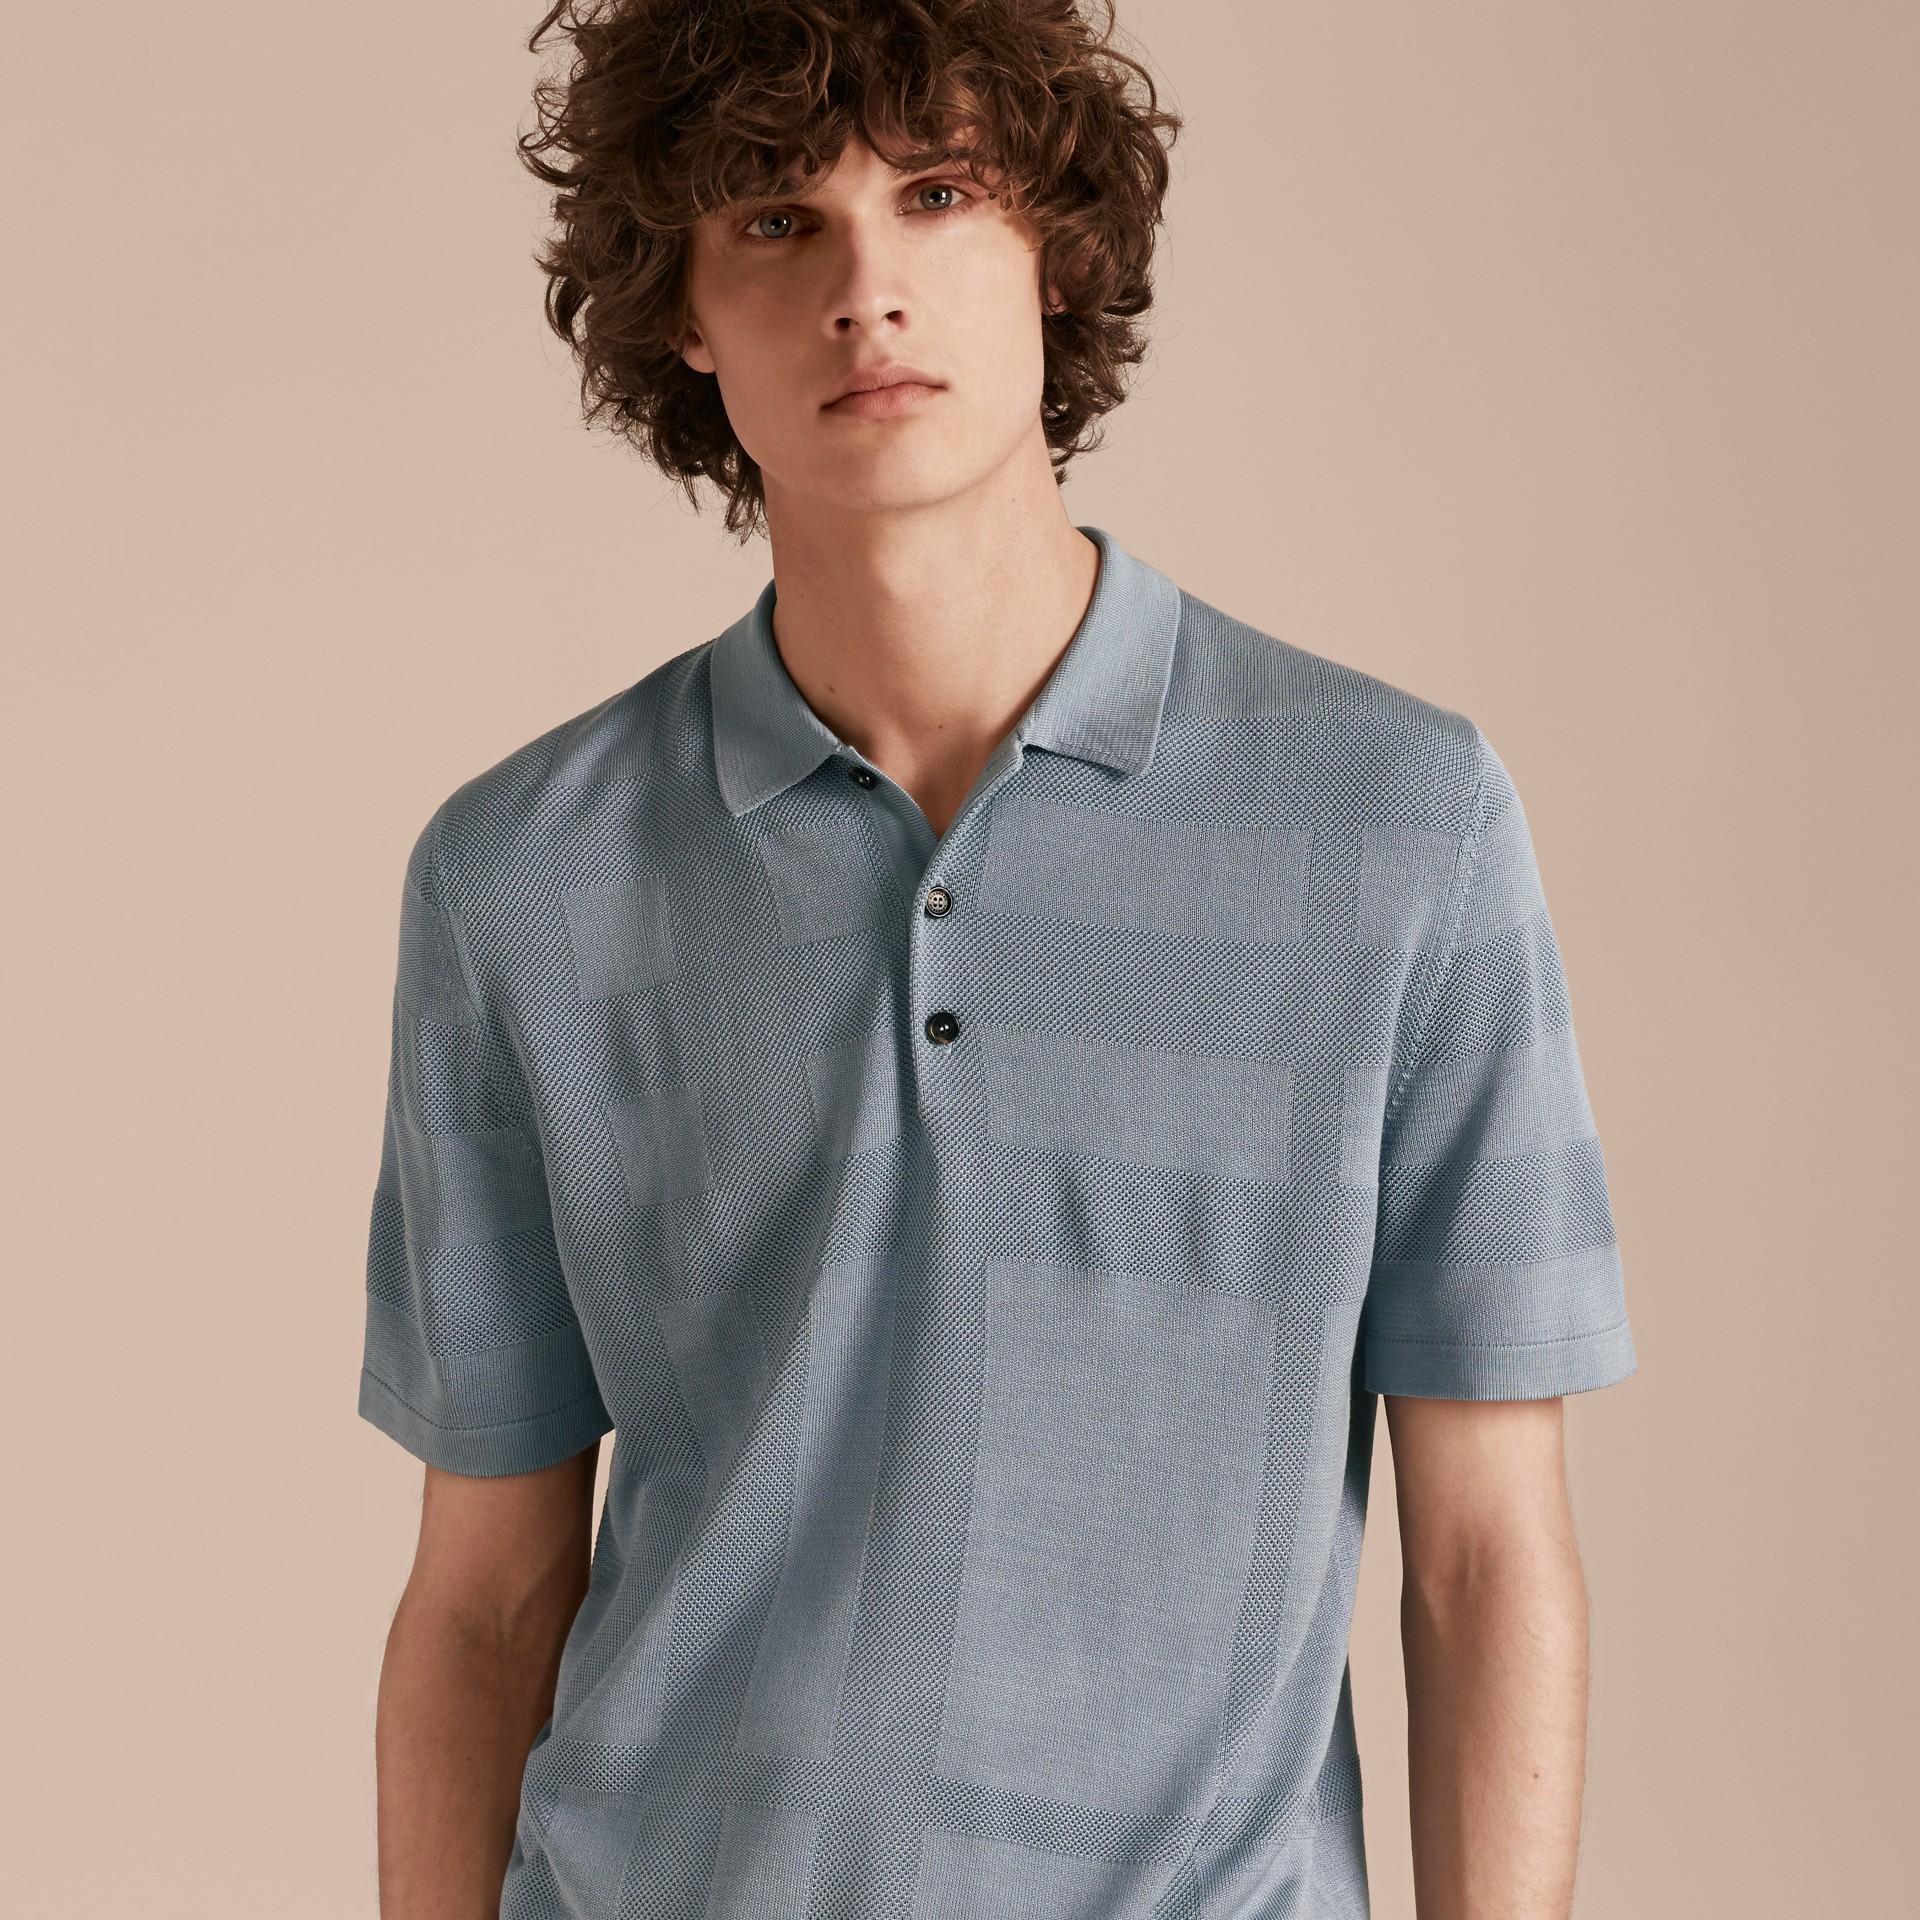 チェックジャカード ピケシルクコットン ポロシャツ (スレートブルー) - メンズ | バーバリー - ギャラリーイメージ 6